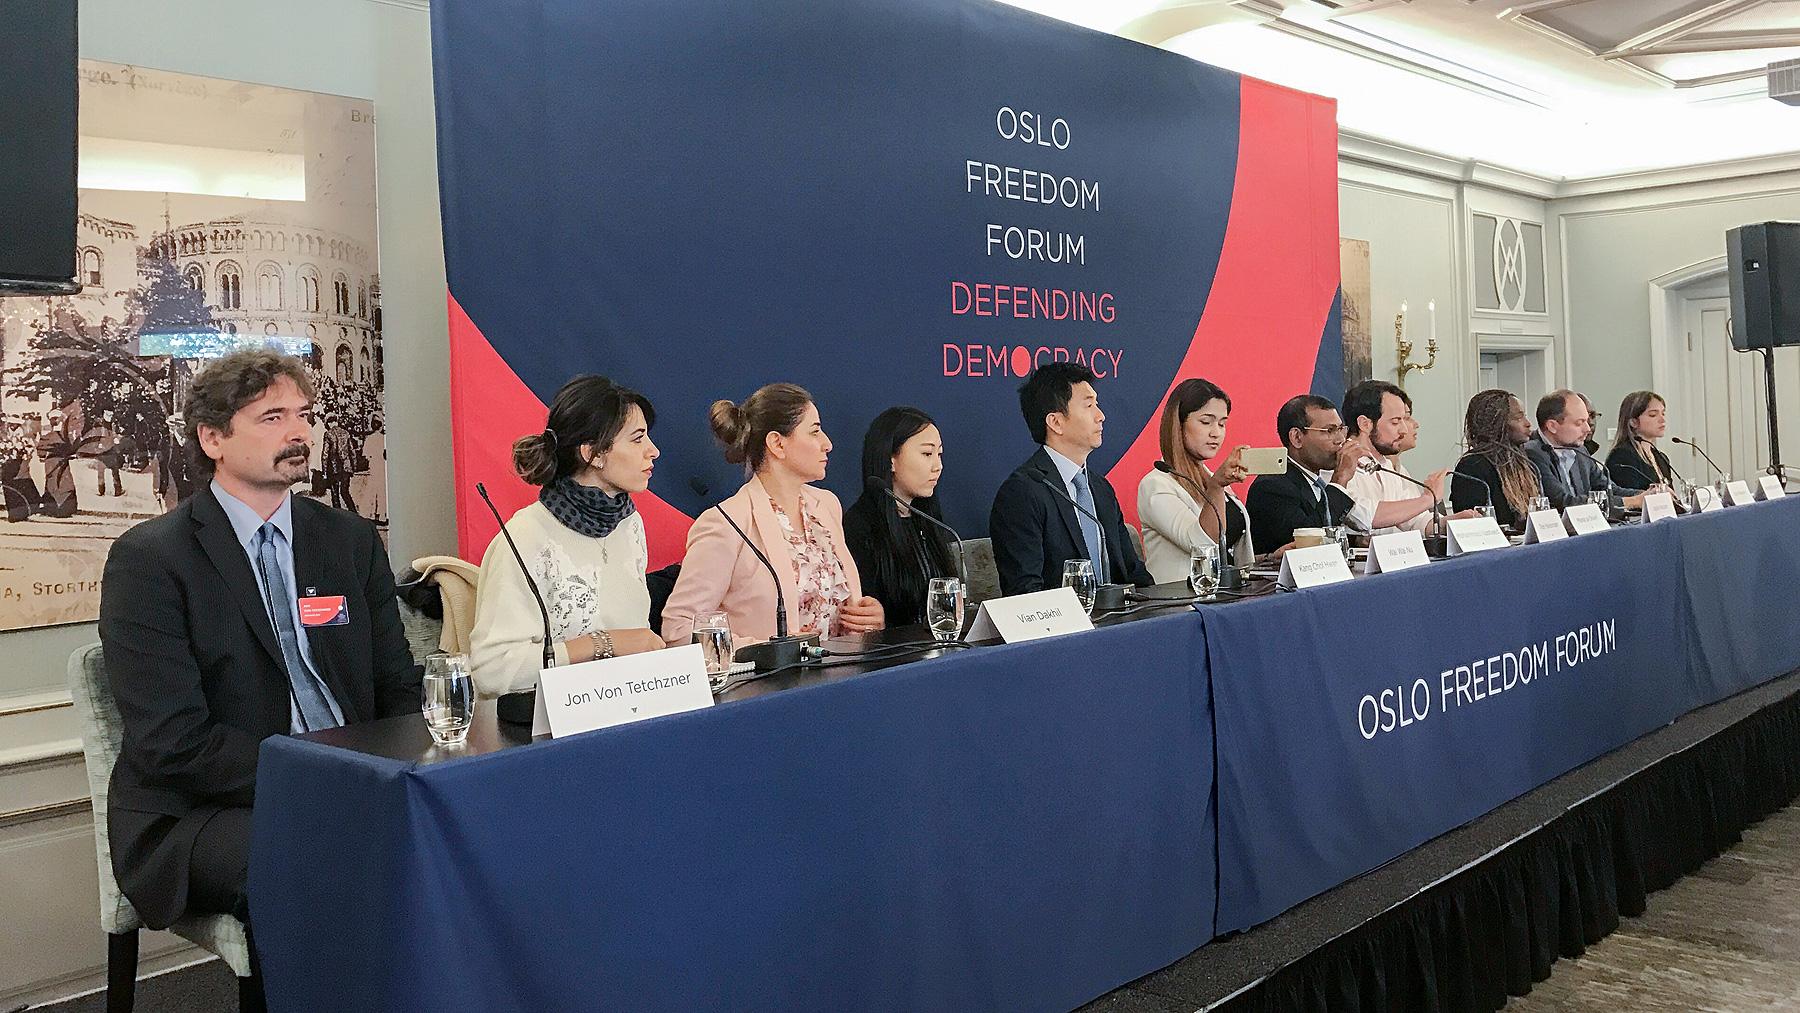 Jon von Tetzchner at Oslo Freedom Forum